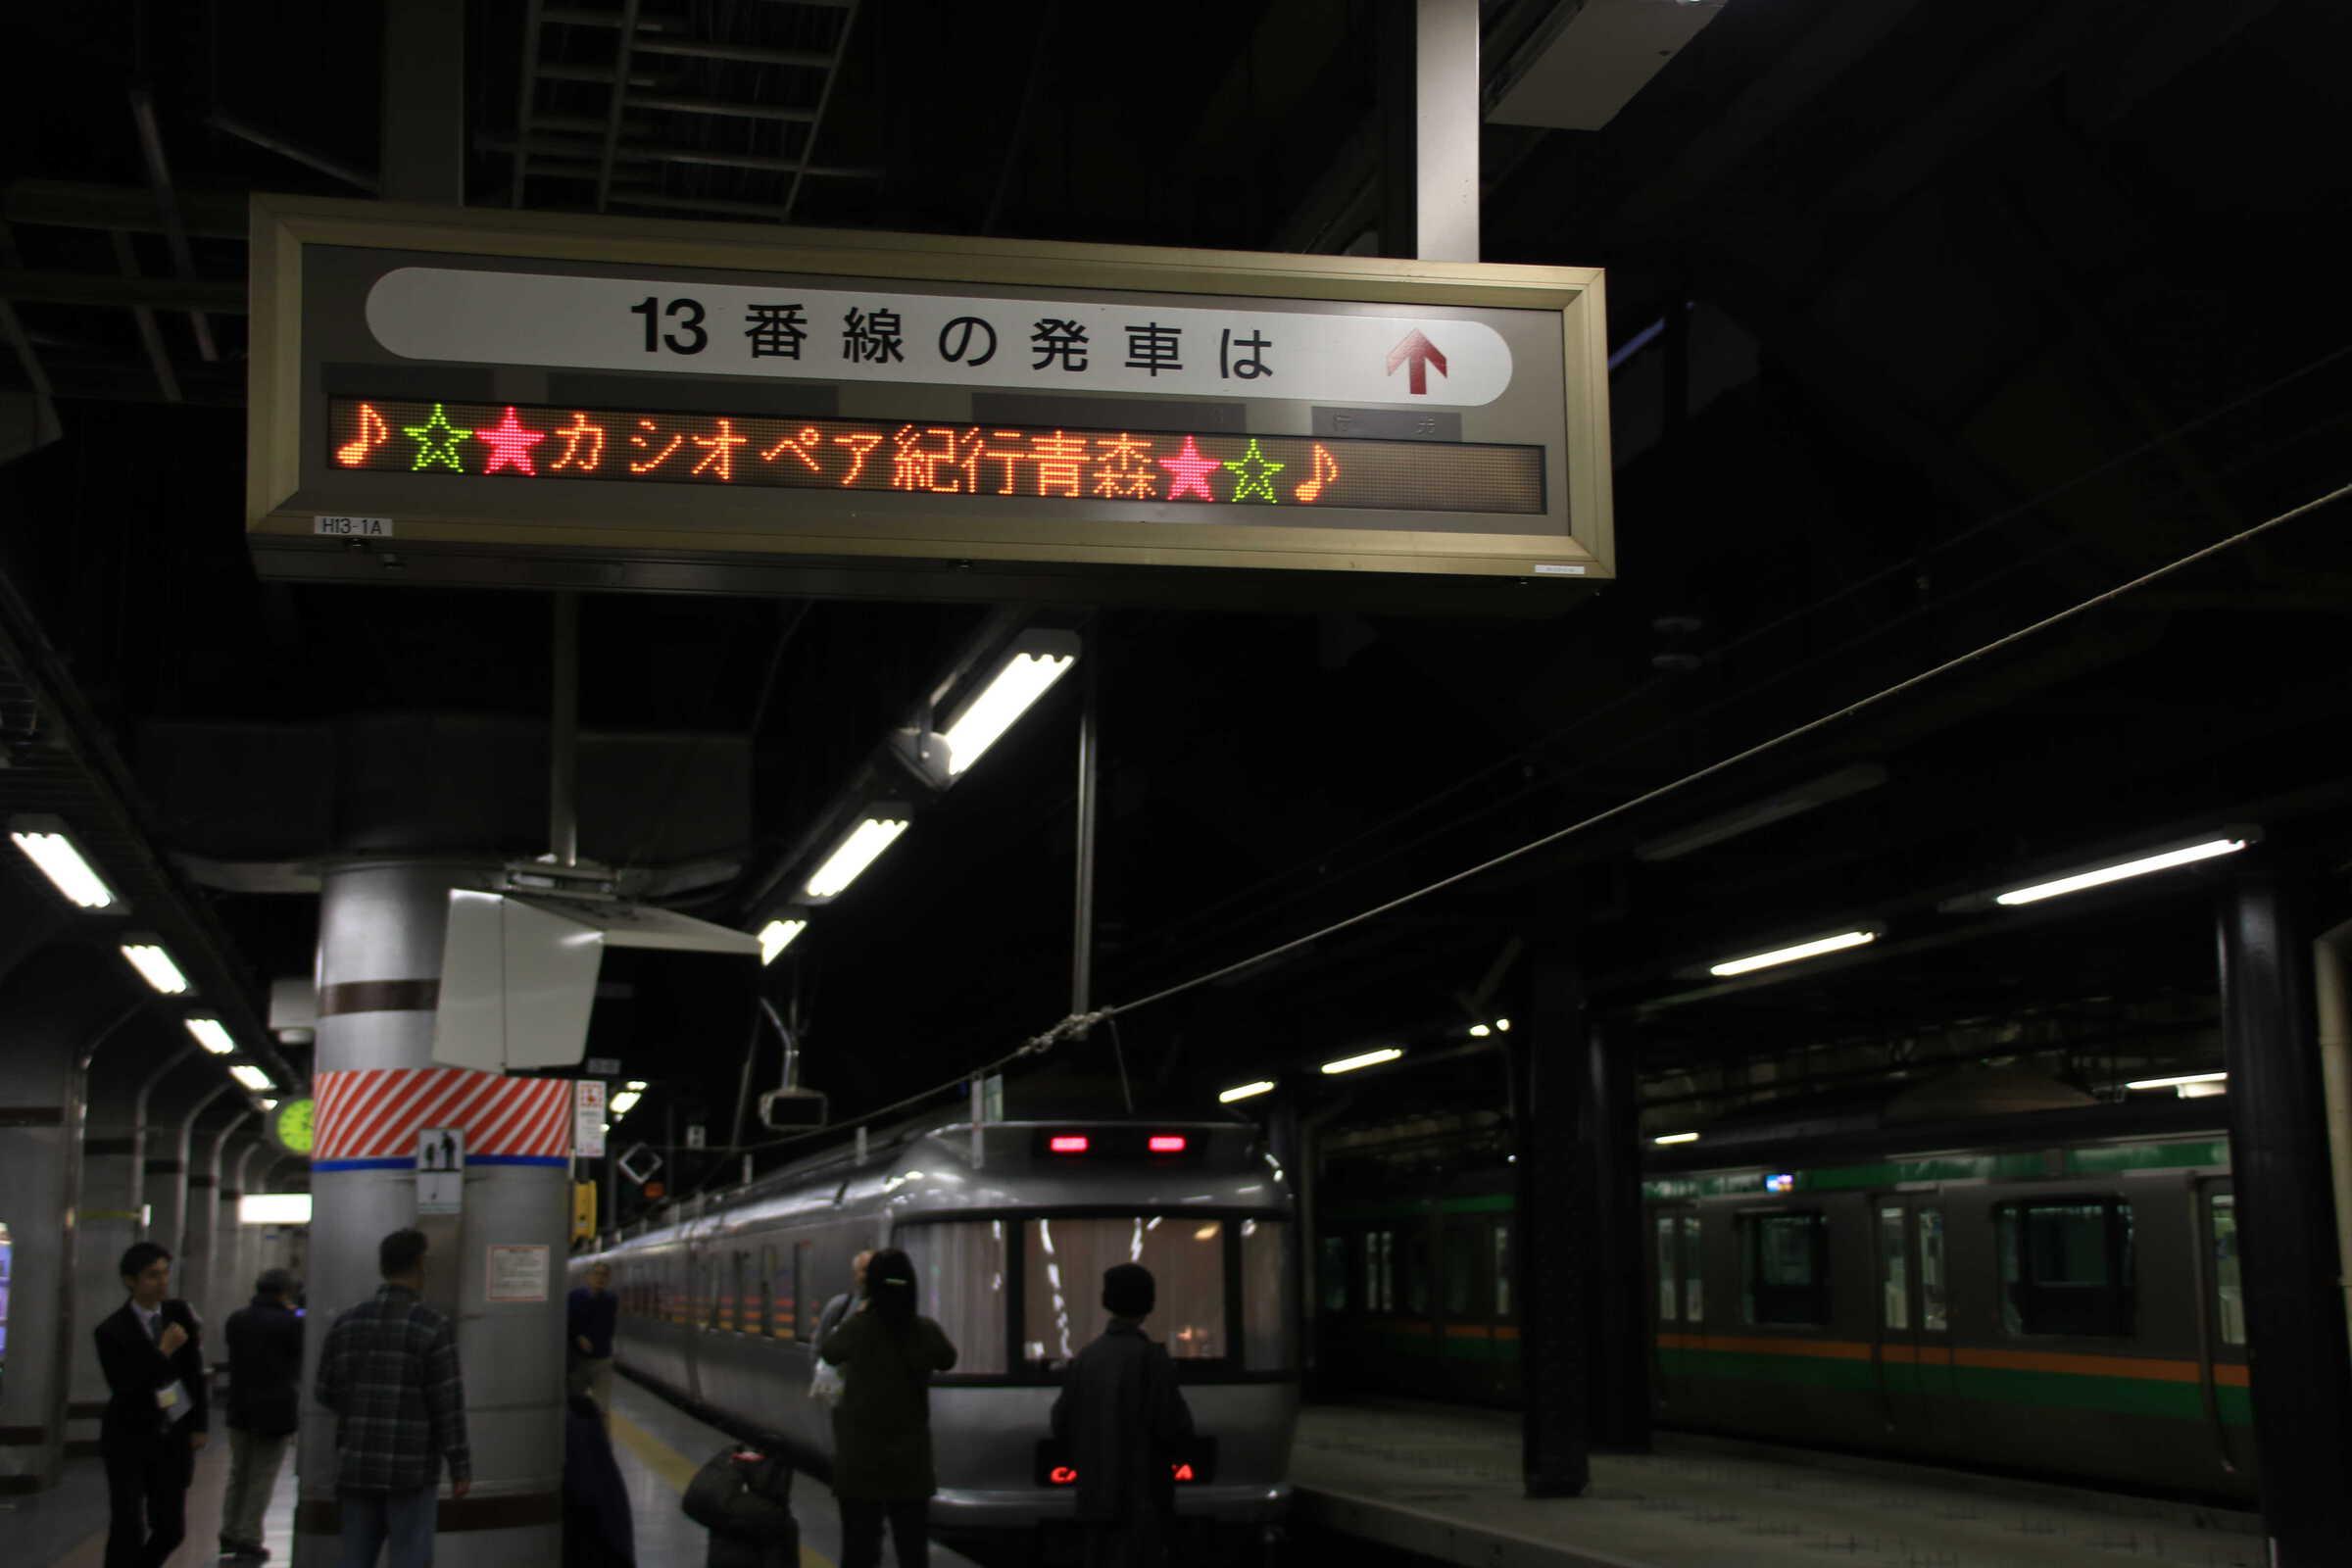 回9052列車〜9011列車 団臨 カシオペア紀行 ←青森 : EF81-98①[田]+E26系 東オク車12両 : 上野→